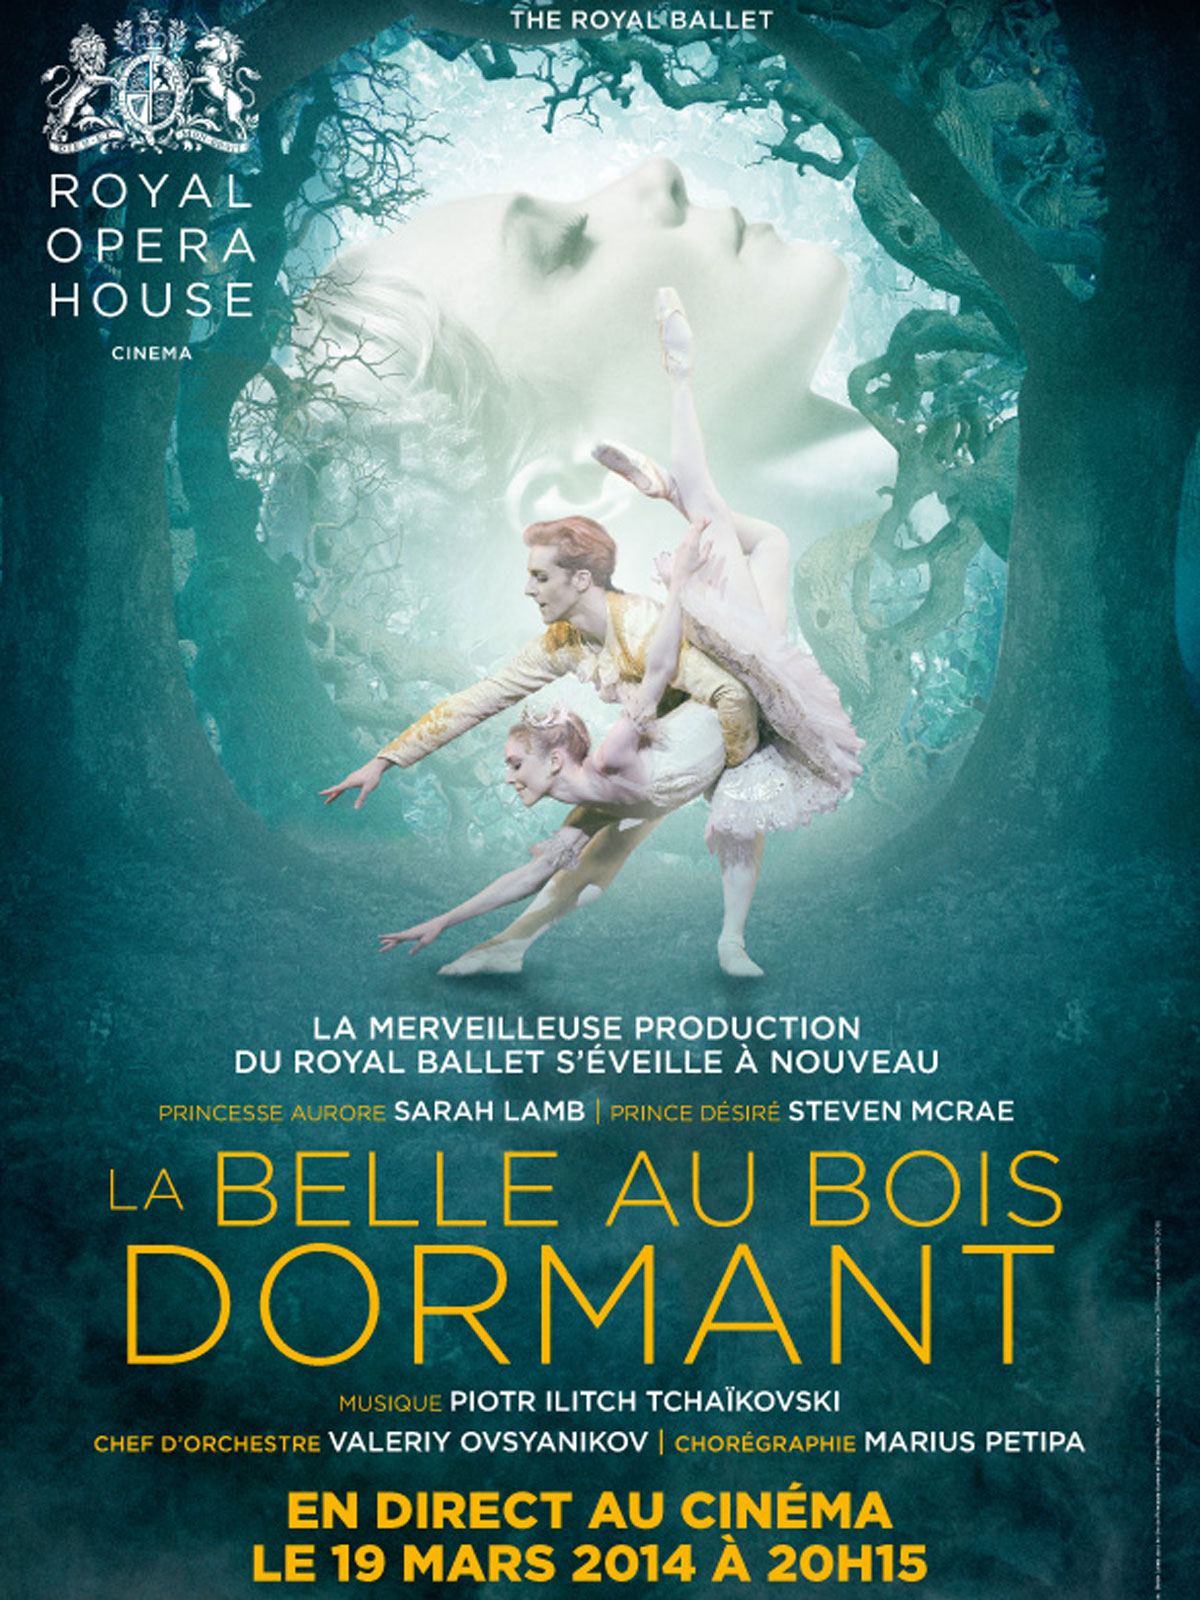 La Belle au bois dormant (Côté Diffusion)  film 2014  ~ La Belle Au Bois Dormant Anglais